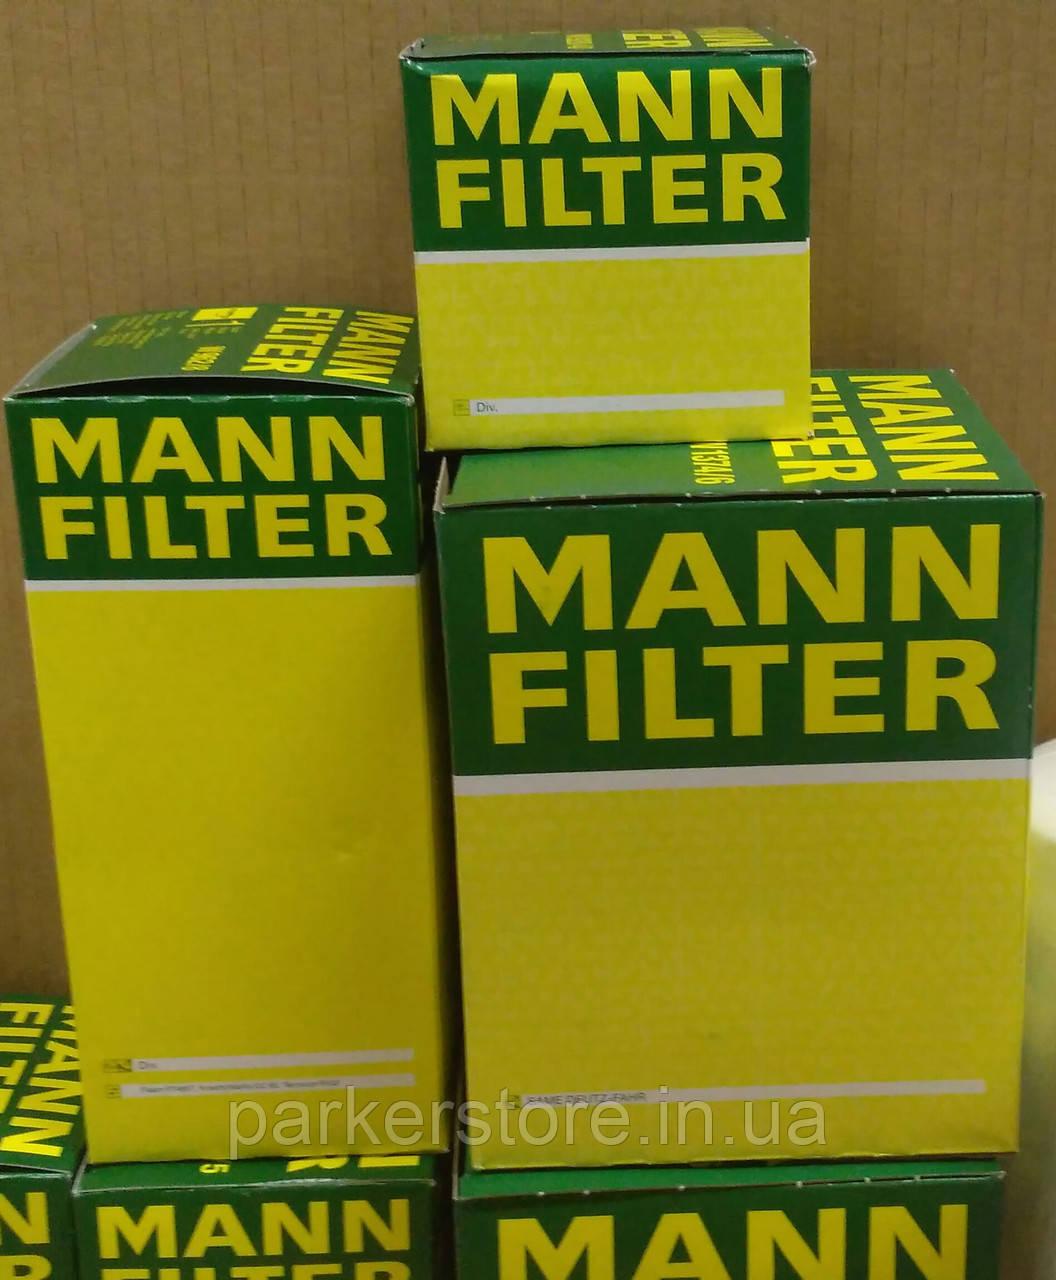 MANN FILTER / Воздушный фильтр / C 30 850/3 / C30850/3